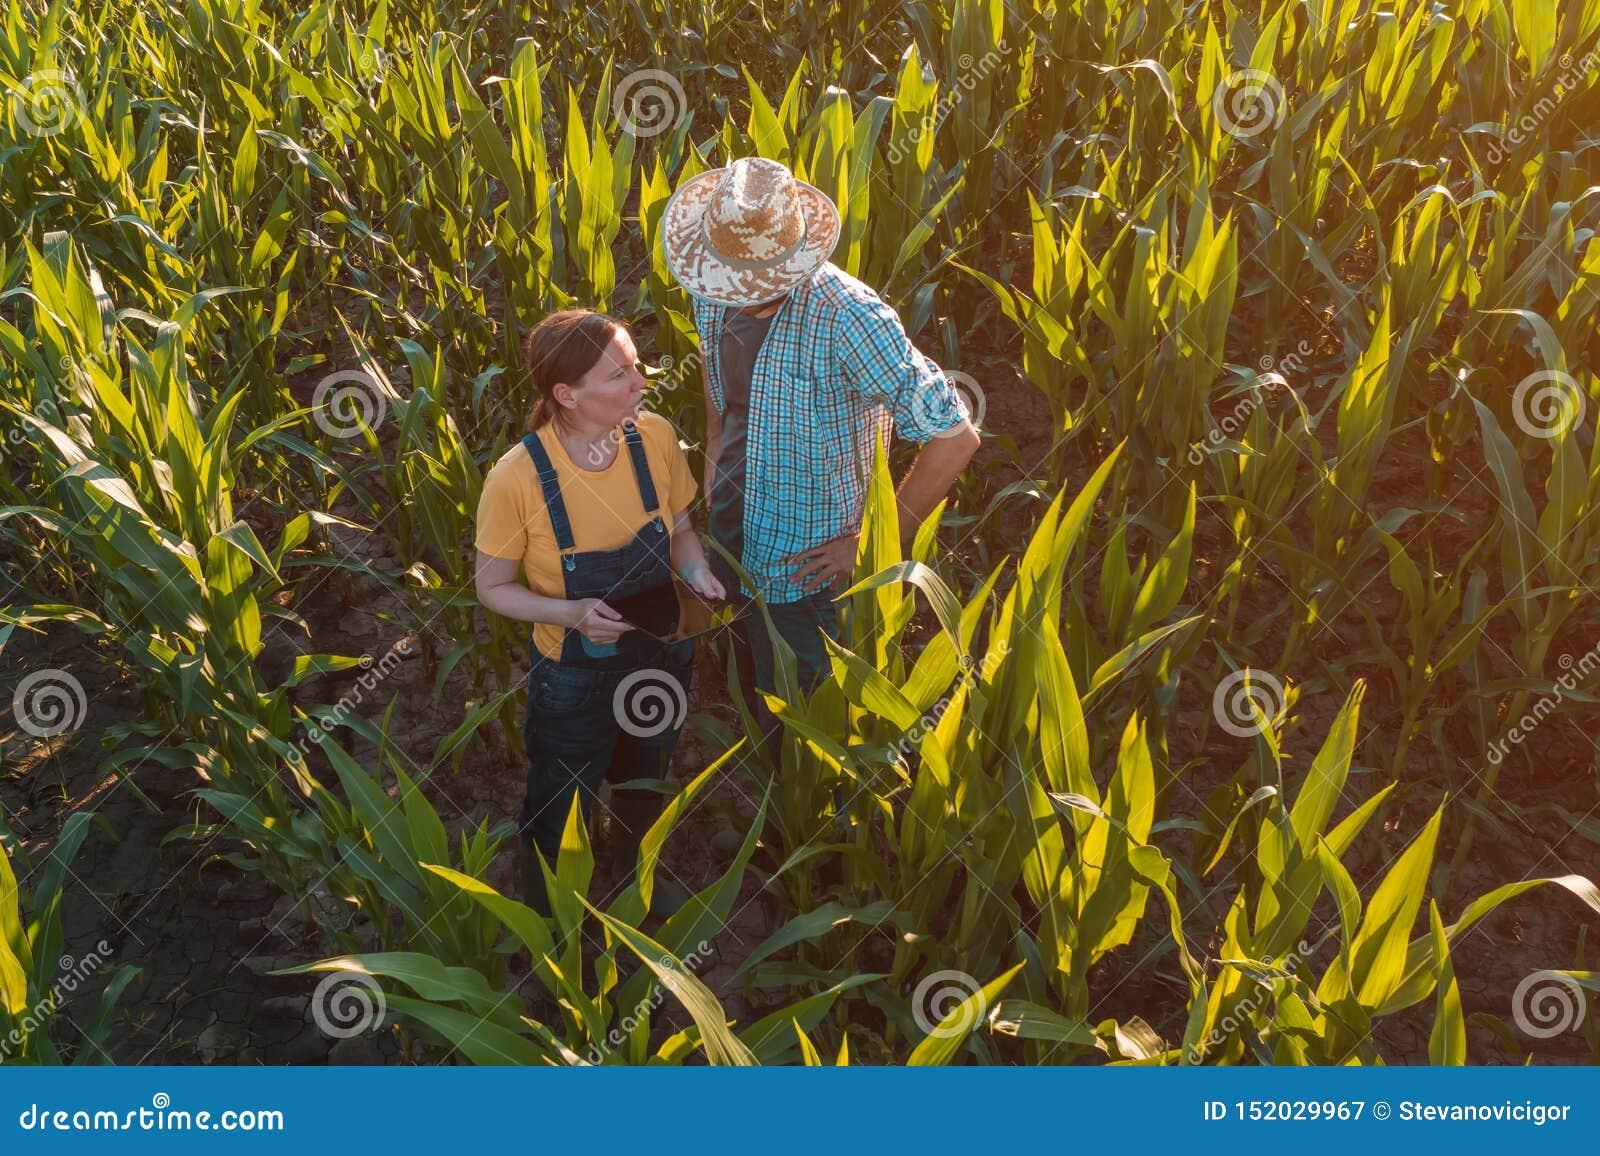 Женский agronomist советуя фермеру мозоли в поле урожая